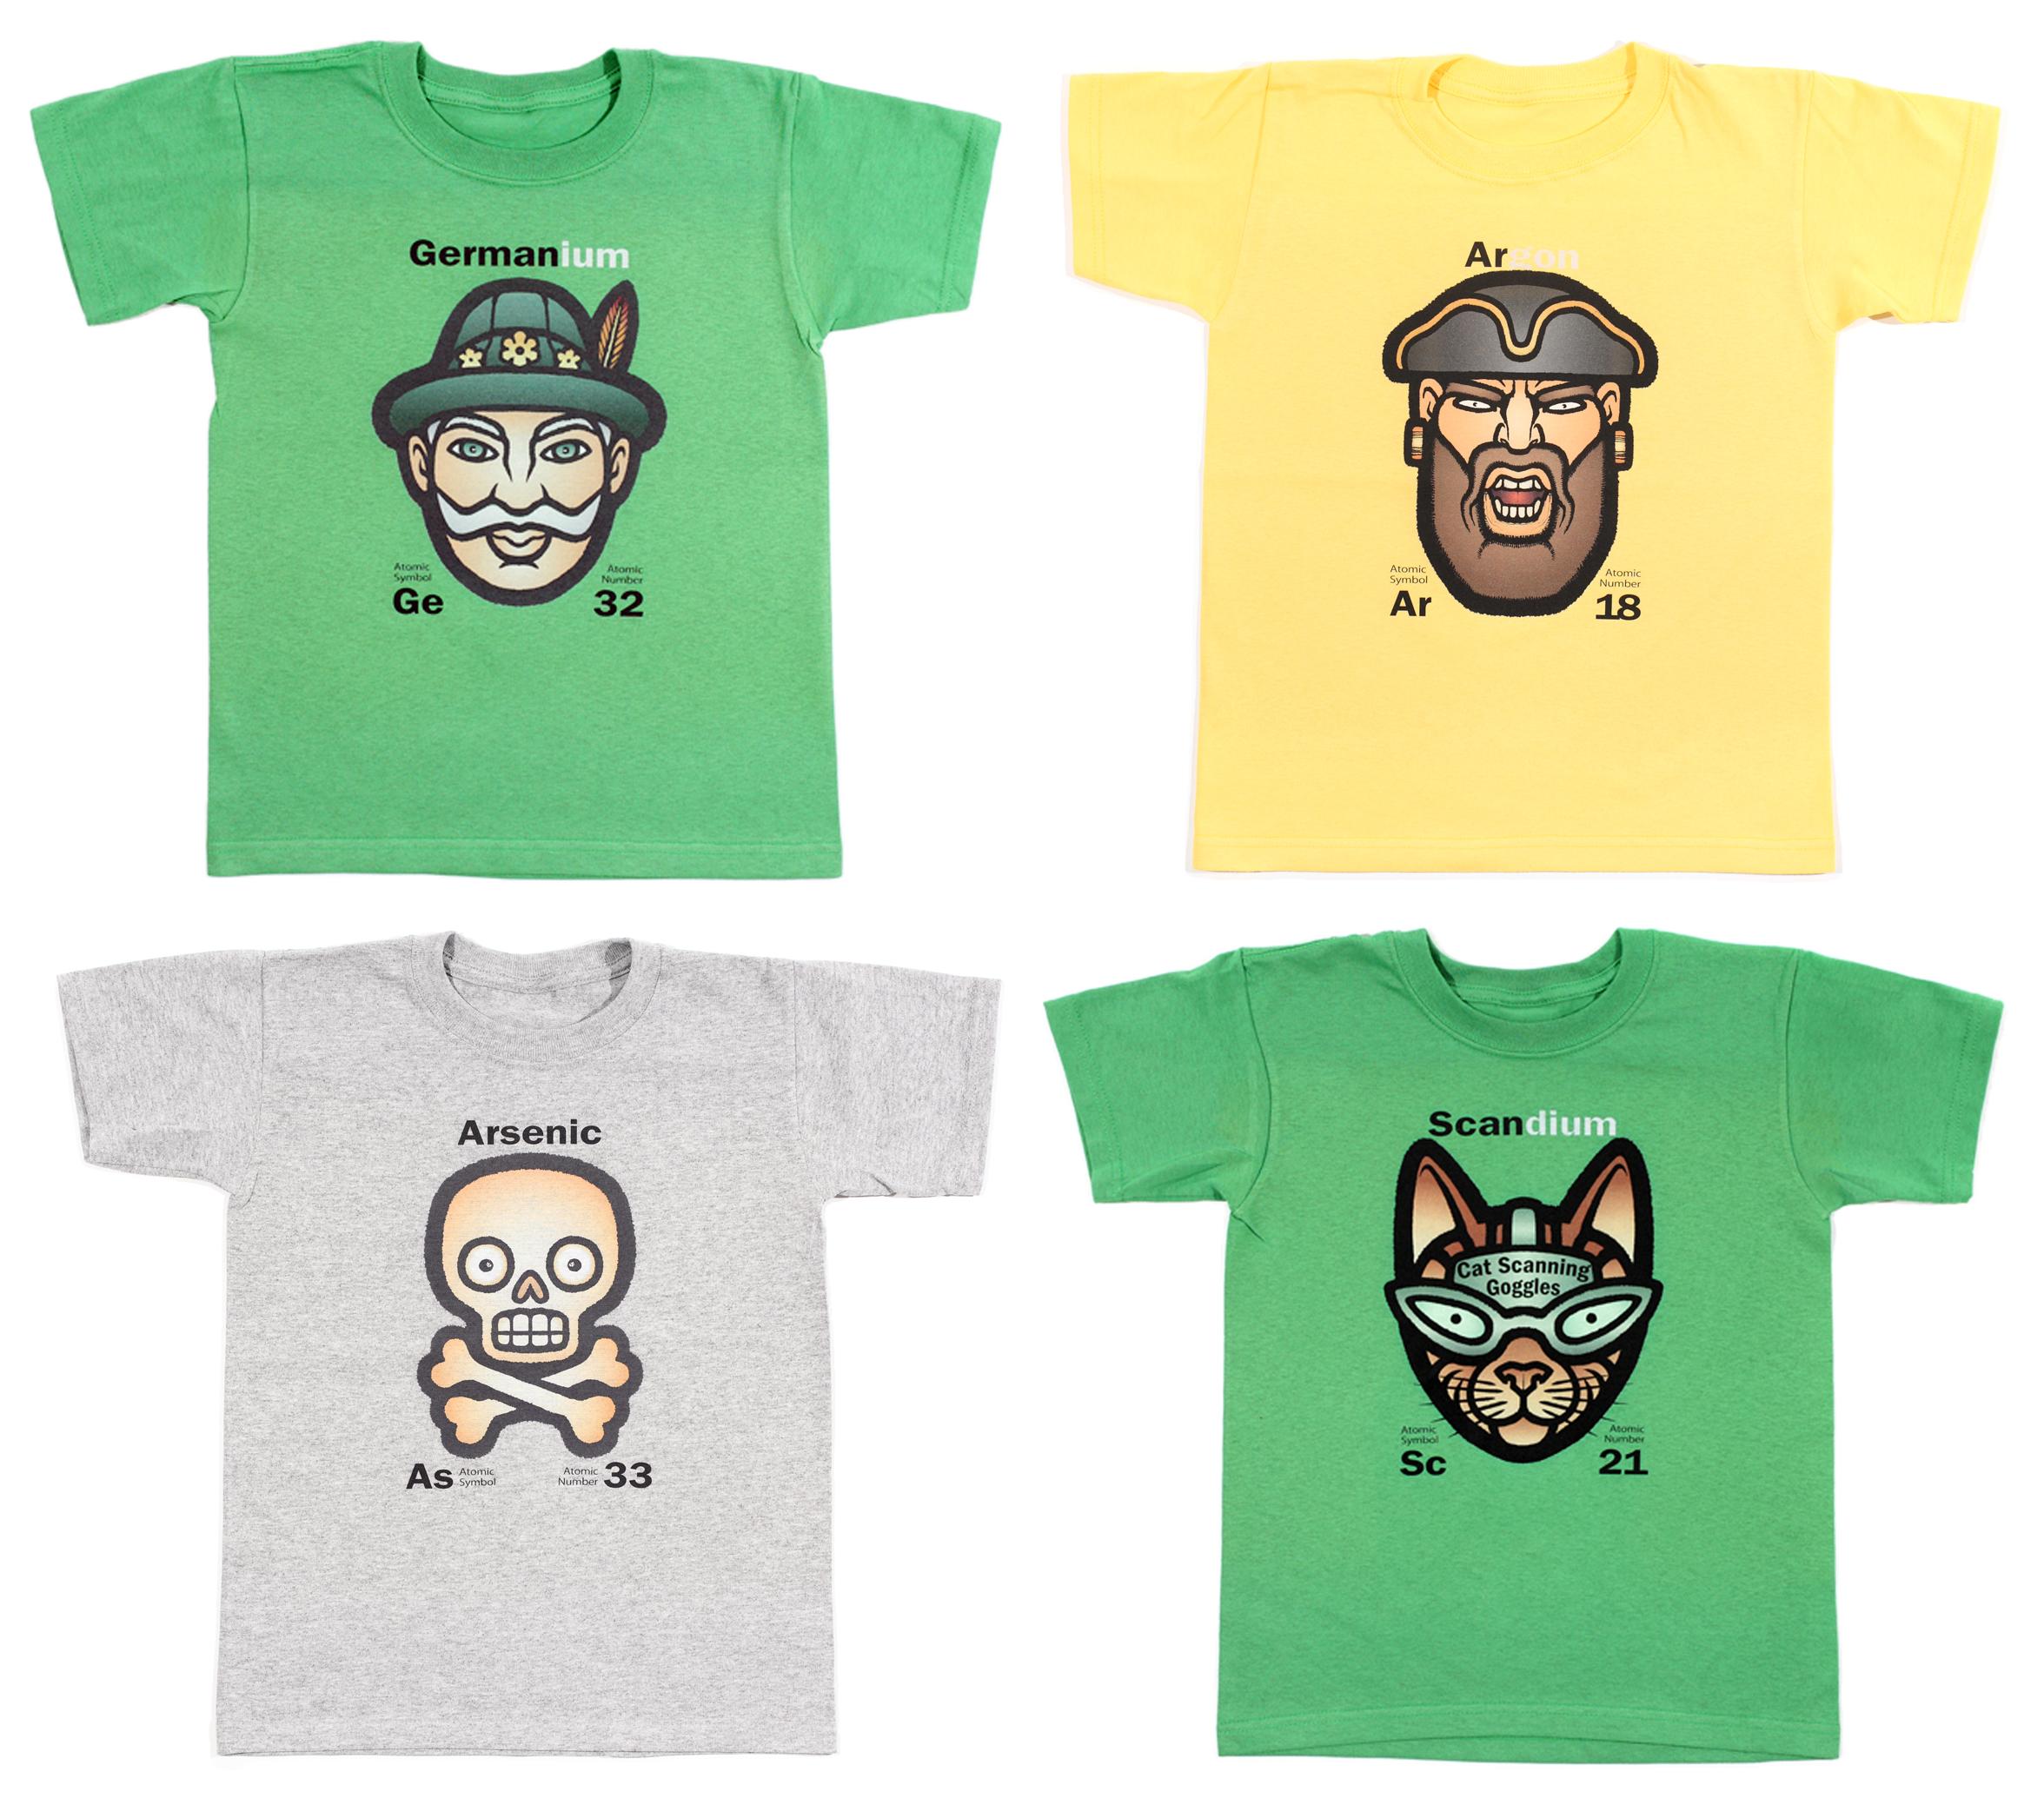 Shirt 4 up.jpg